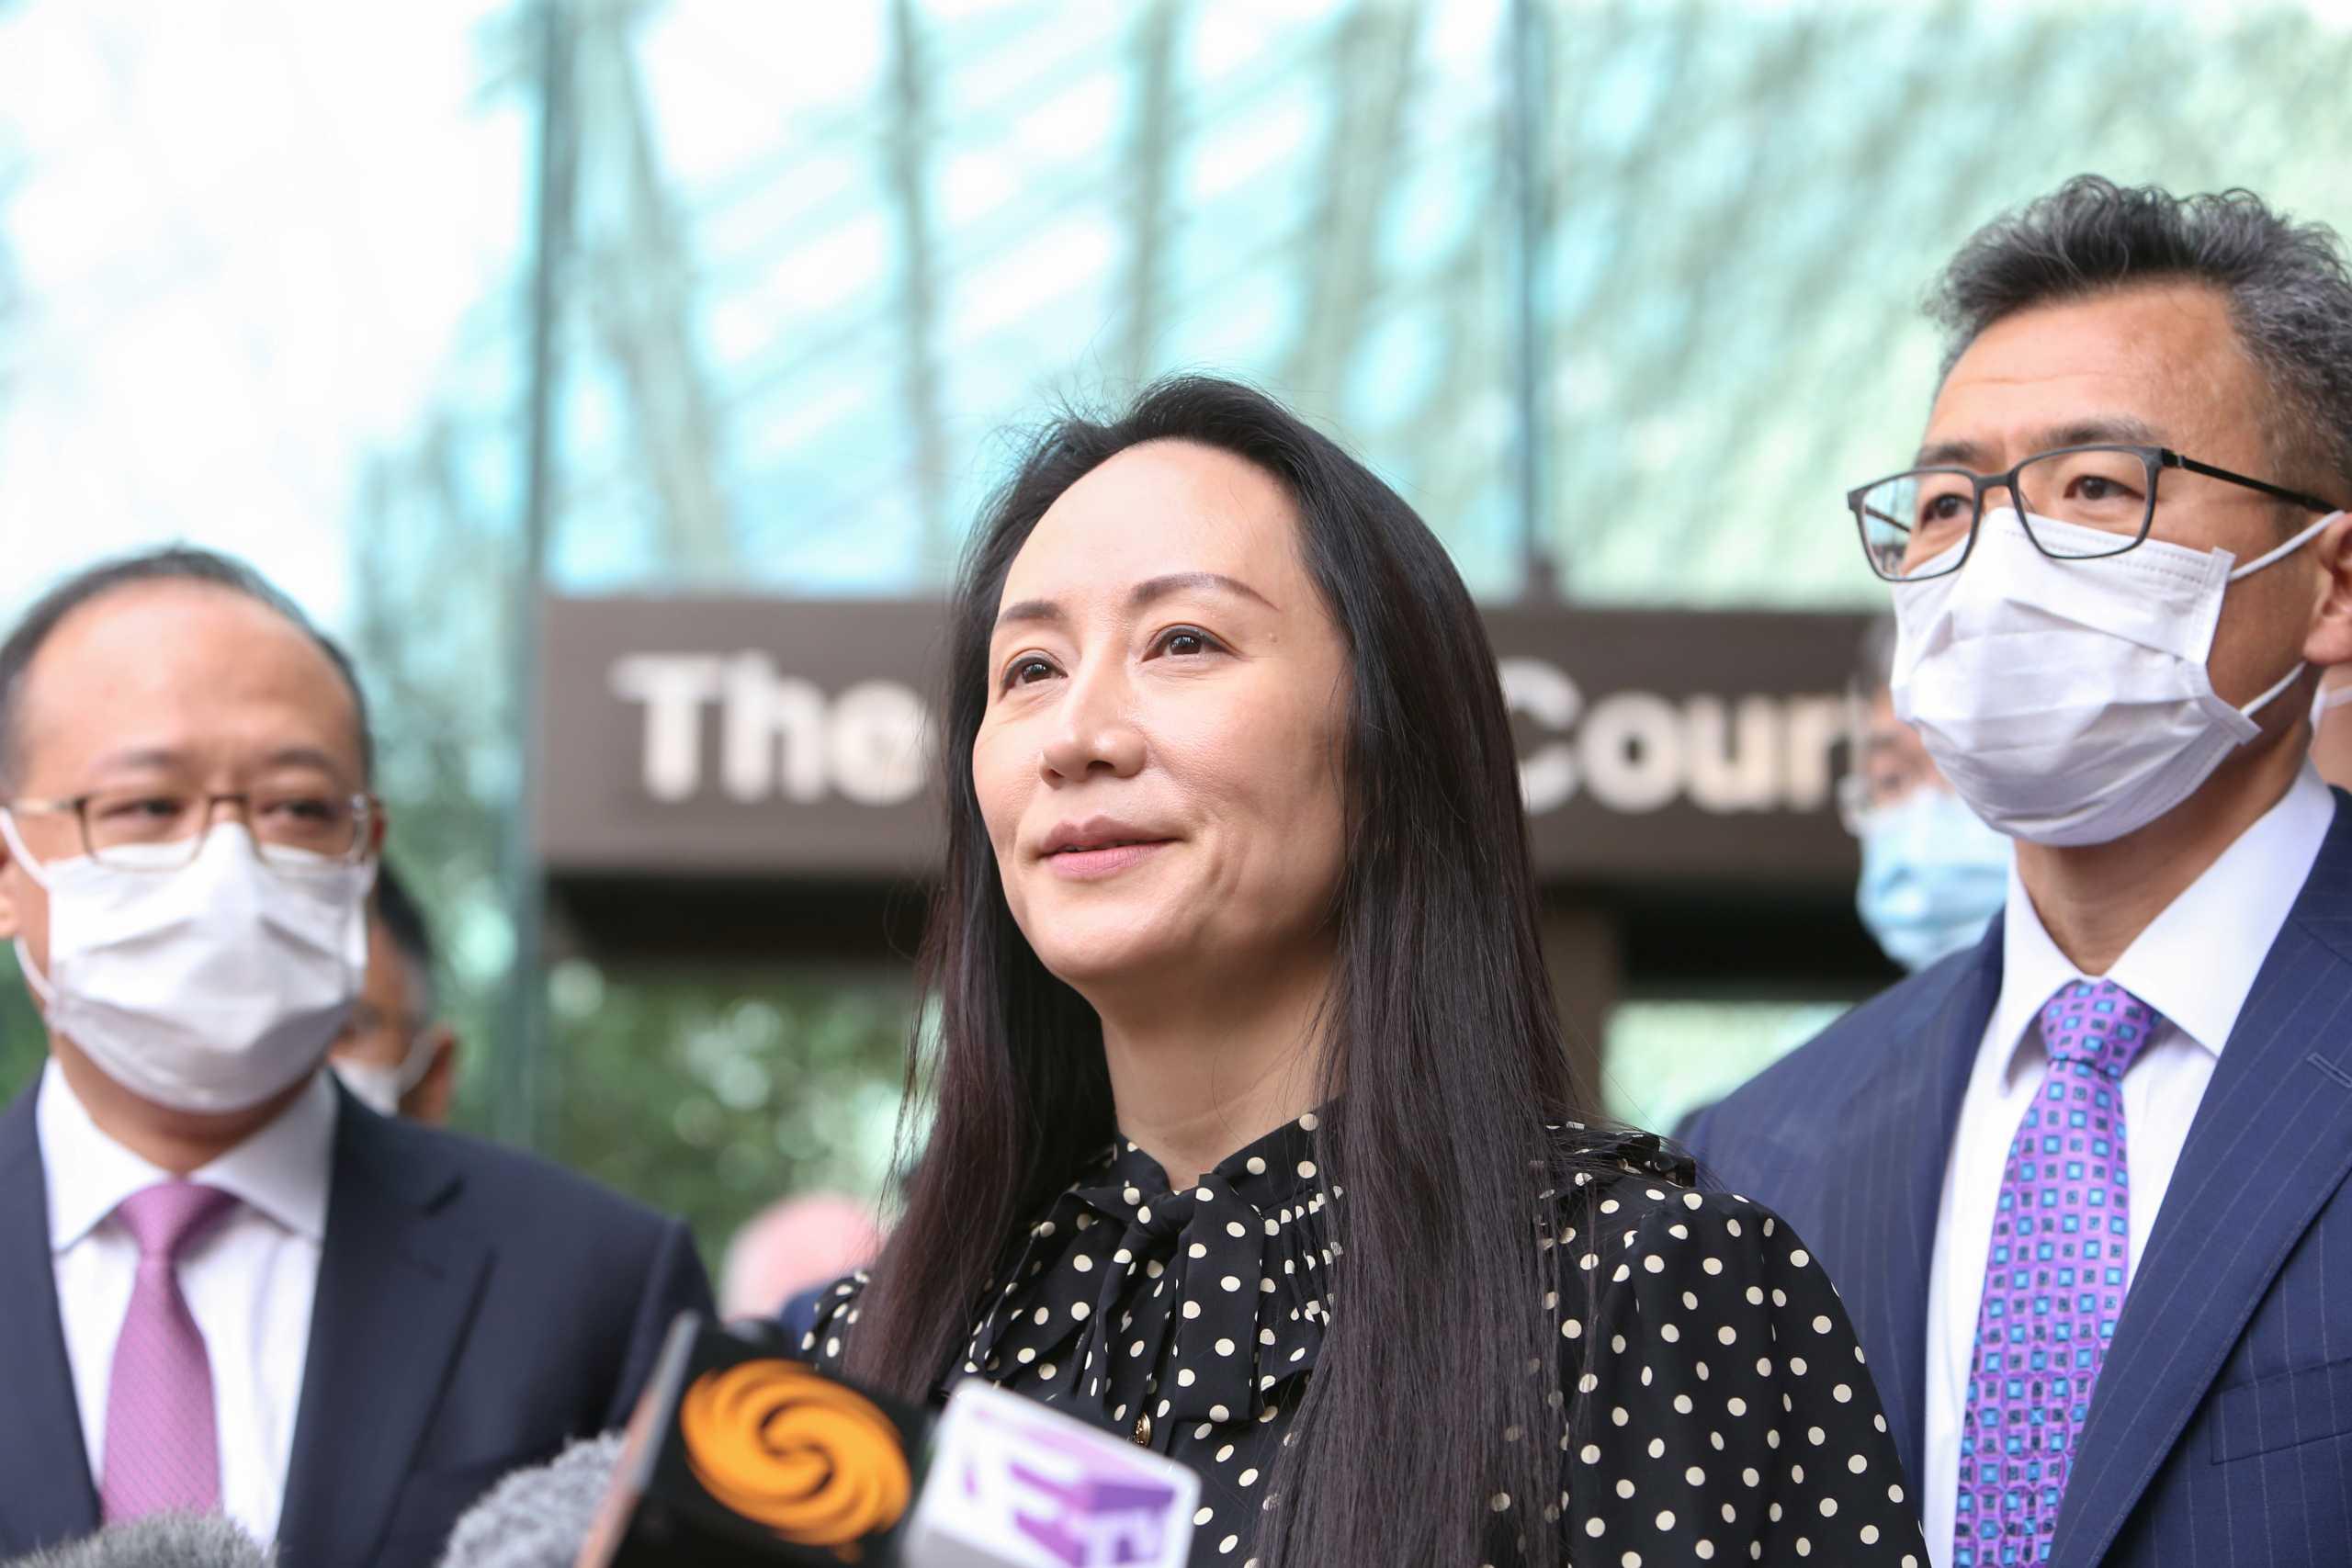 Καναδάς: Ελεύθερη η οικονομική διευθύντρια της Huawei – Αποφυλακίστηκαν δύο Καναδοί στην Κίνα